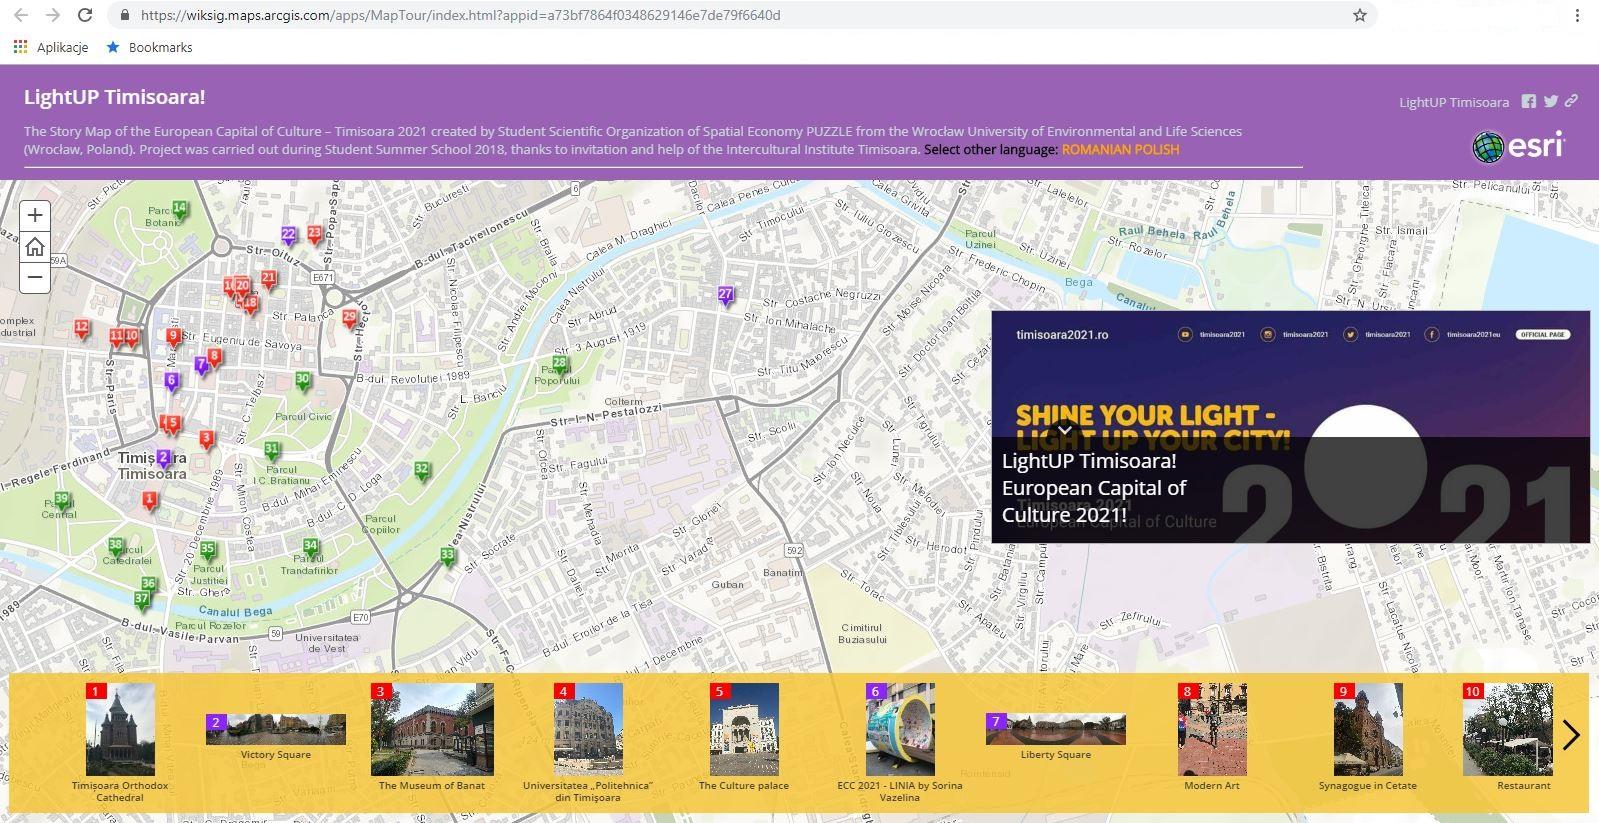 Rys. 3. Zrzut ekranu z aplikacji Story Maps.